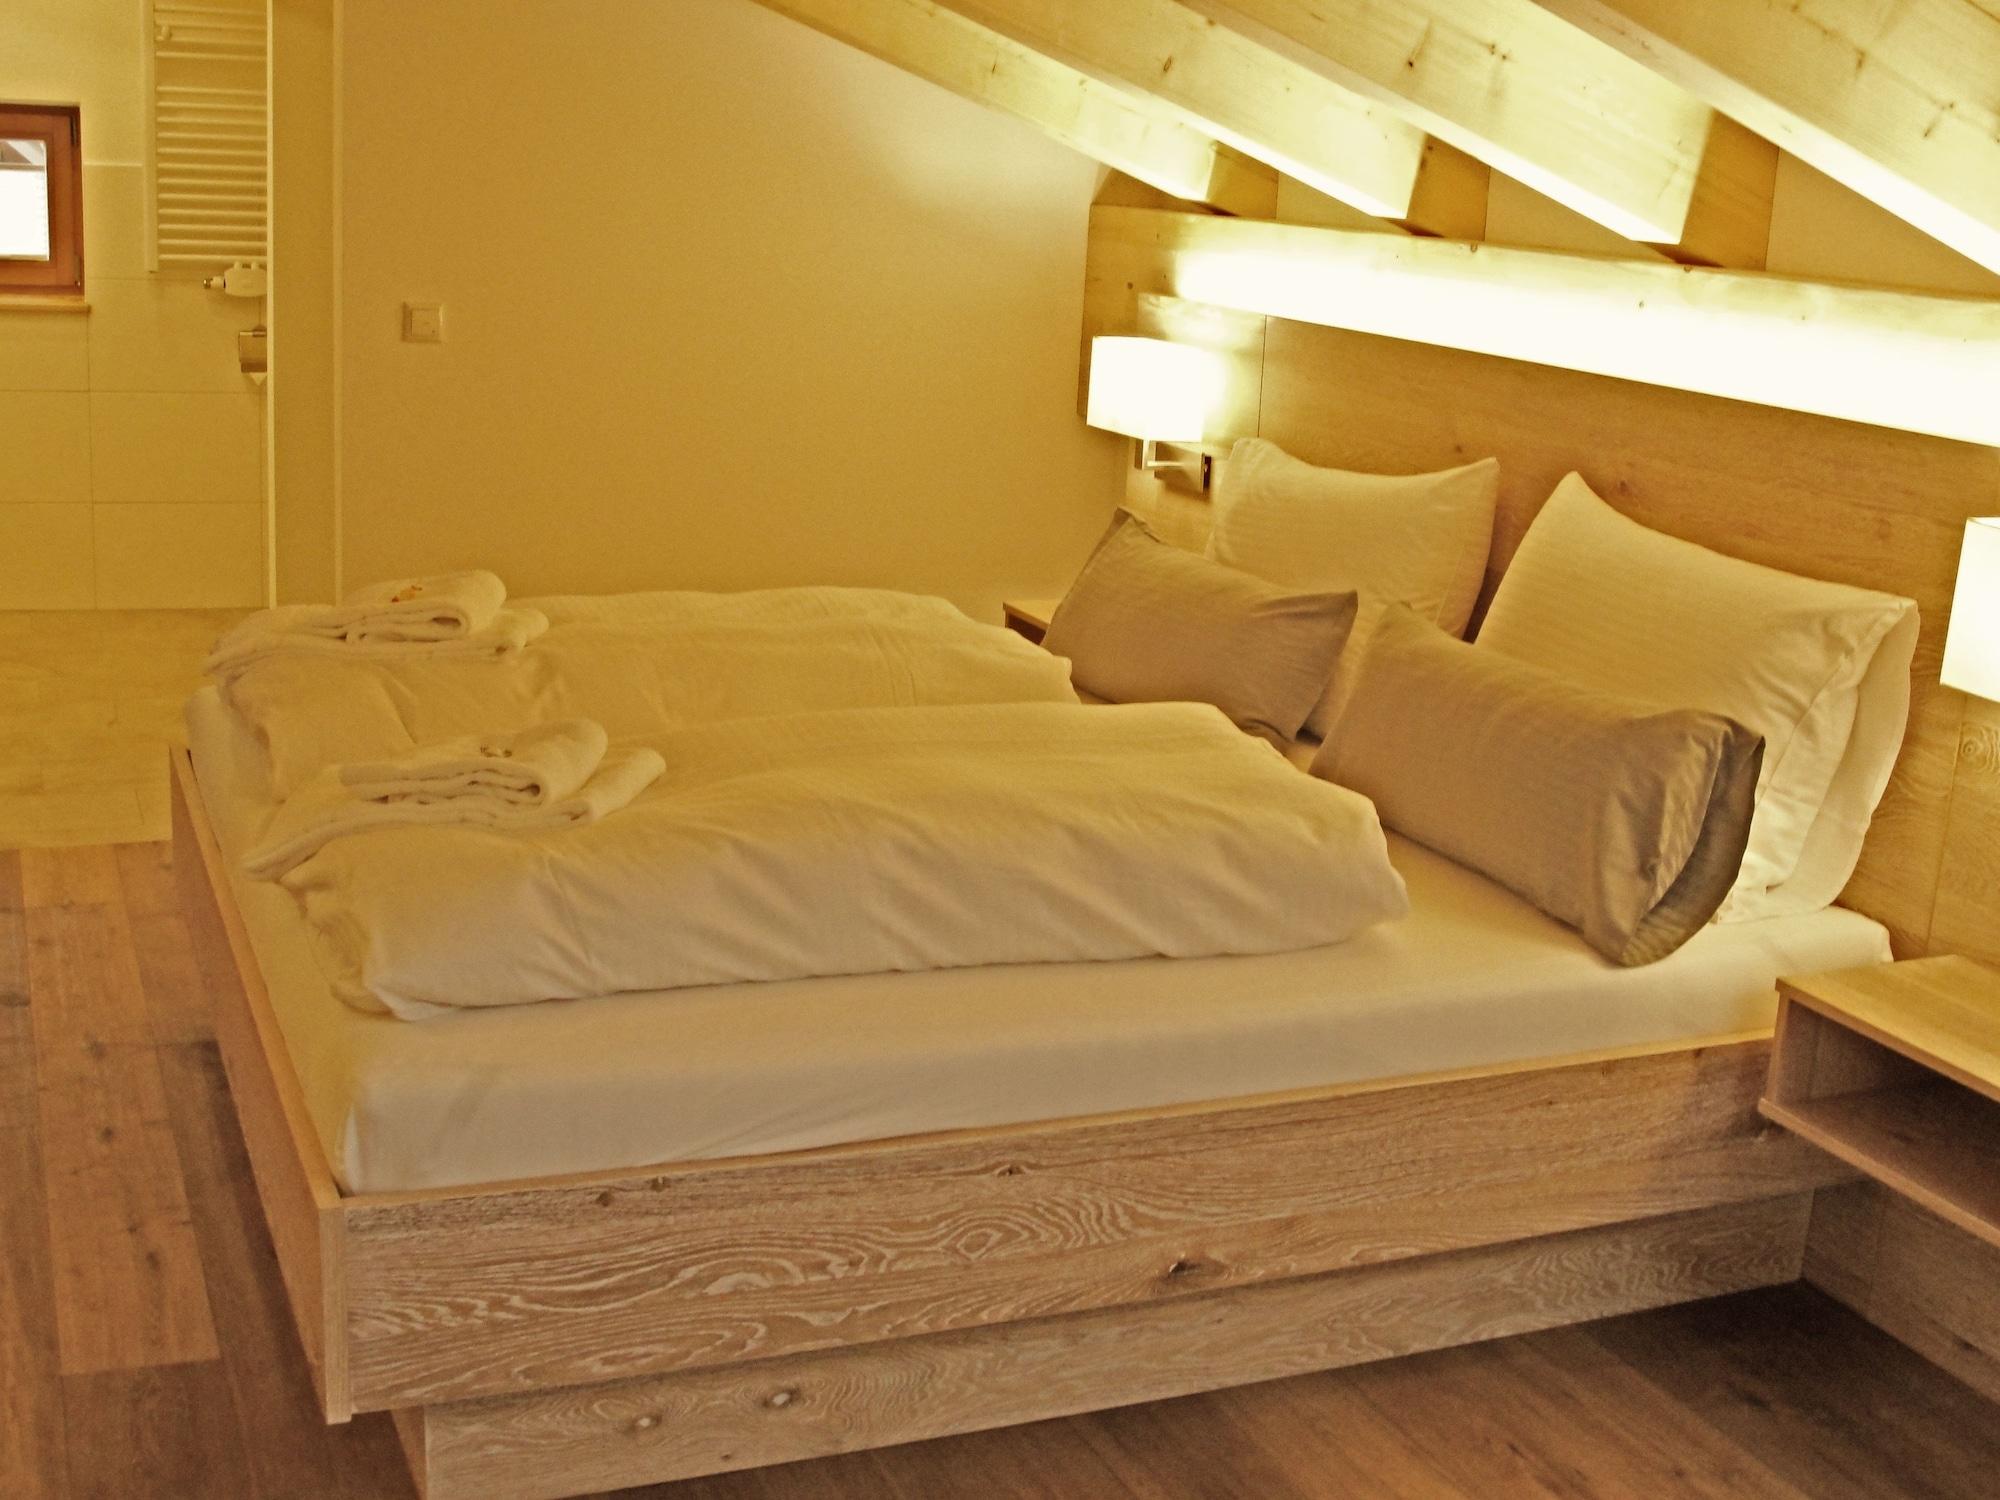 Mammhofer Suite & Breakfast, Garmisch-Partenkirchen